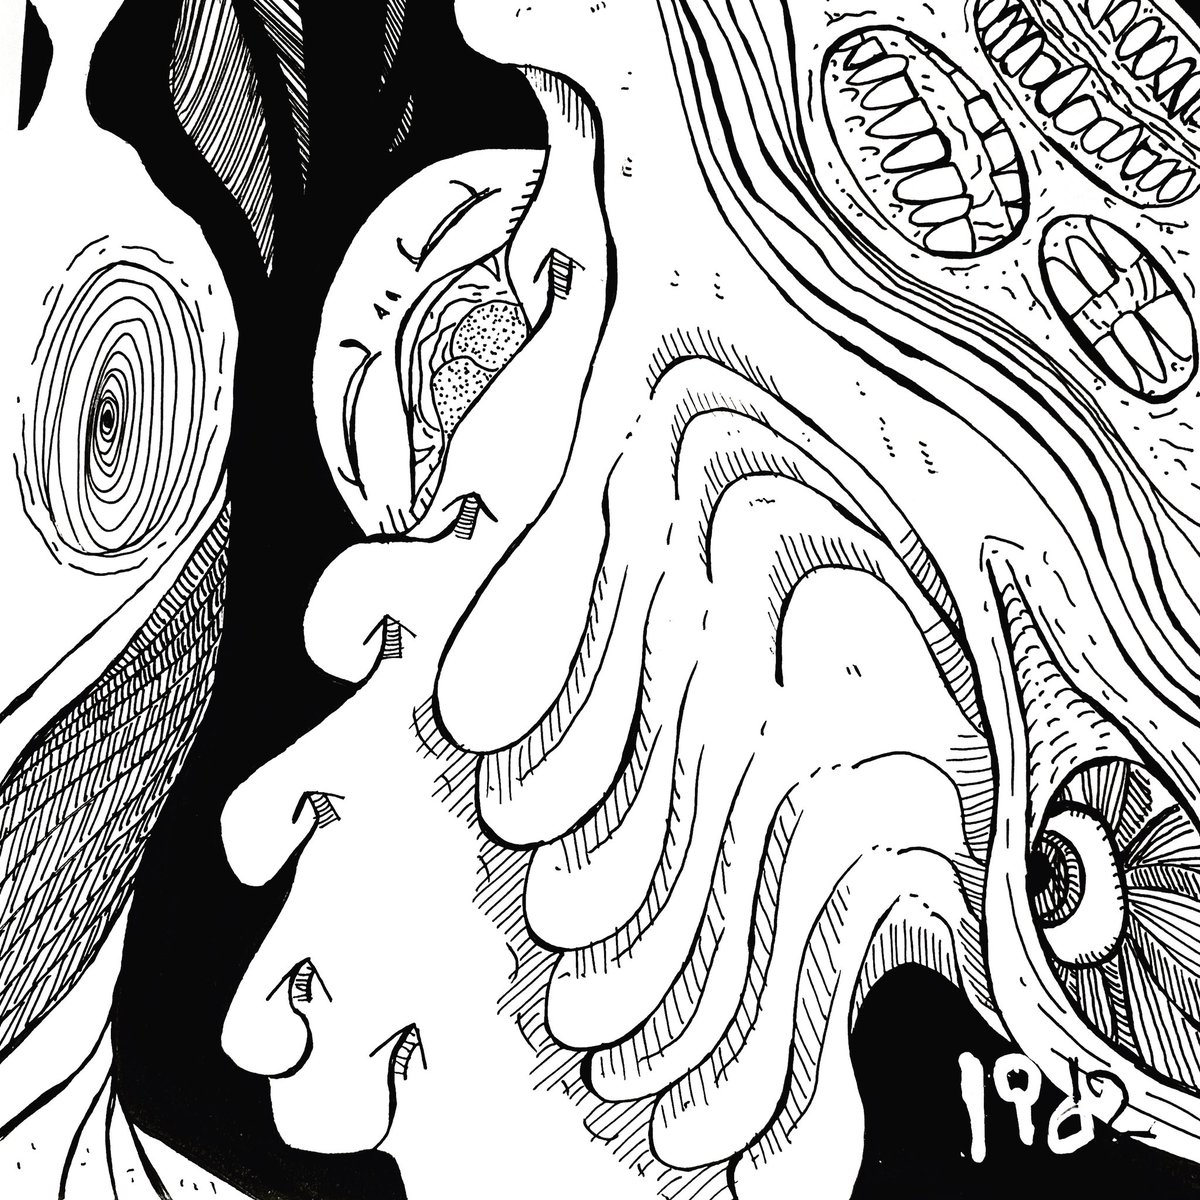 潮騒ドローイング1962日目  #イラスト #ドローイング #落書き #ペン画 #アート  #一日一絵 #illustration #drawing #penandink #pen #art #ペン画を流してペン画民を増やそう https://t.co/krmeHTTe57